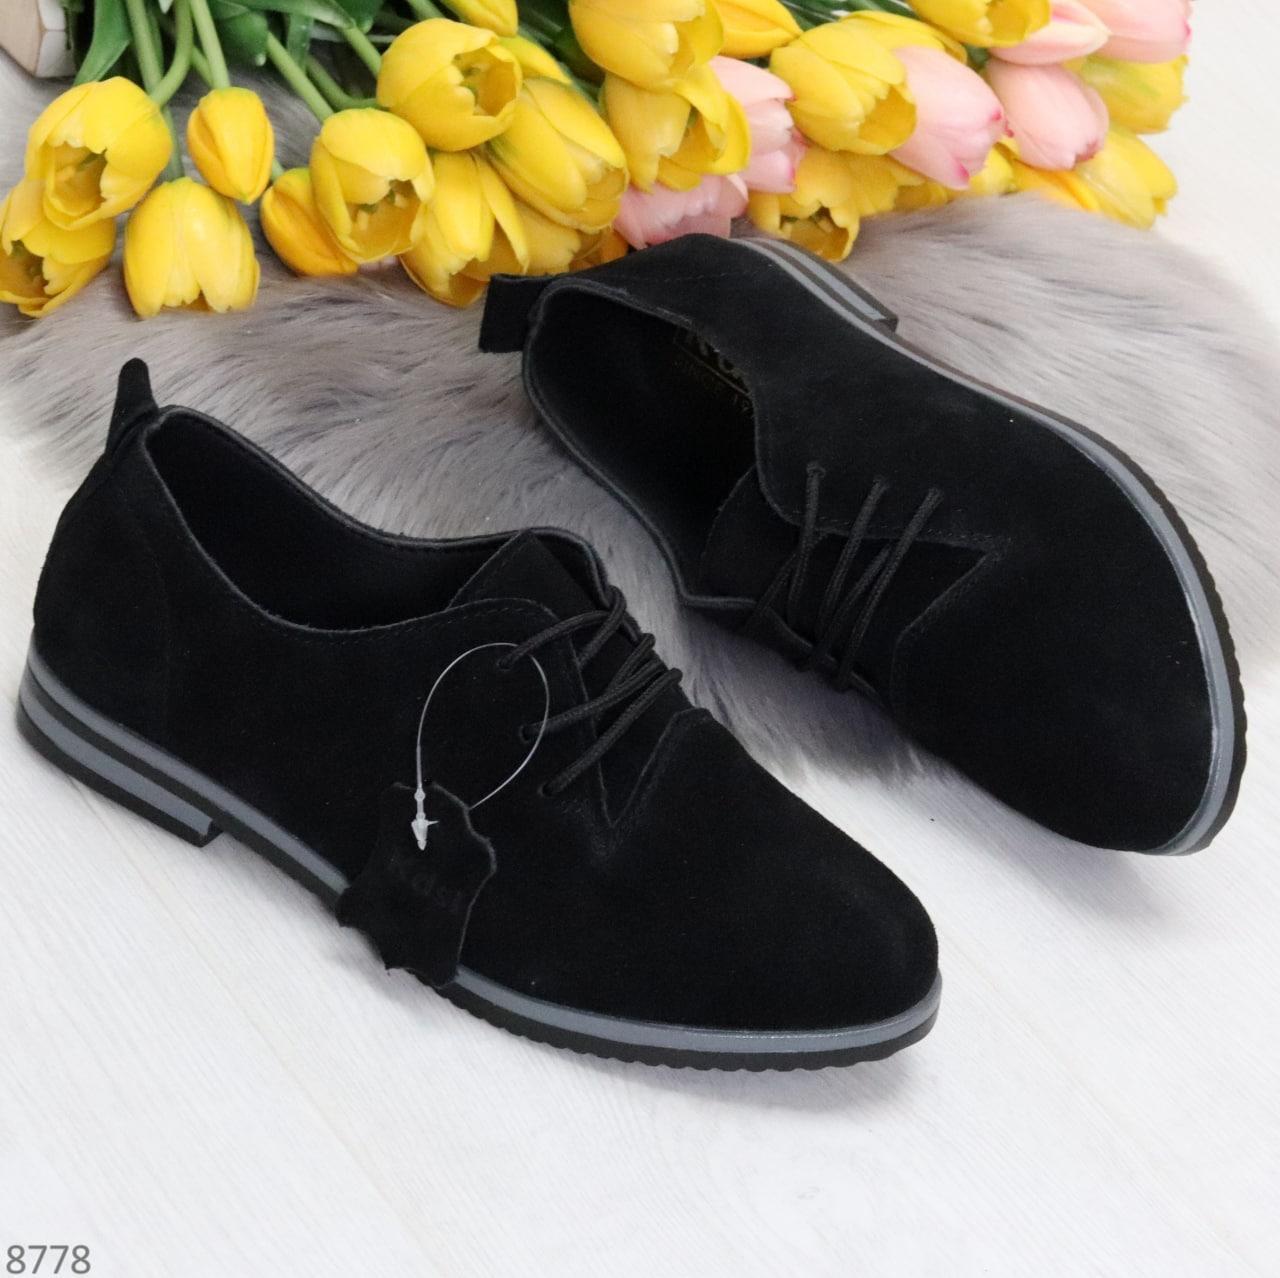 ТОЛЬКО 38, 41 р!!! Женские туфли черные на шнуровке натуральная замша